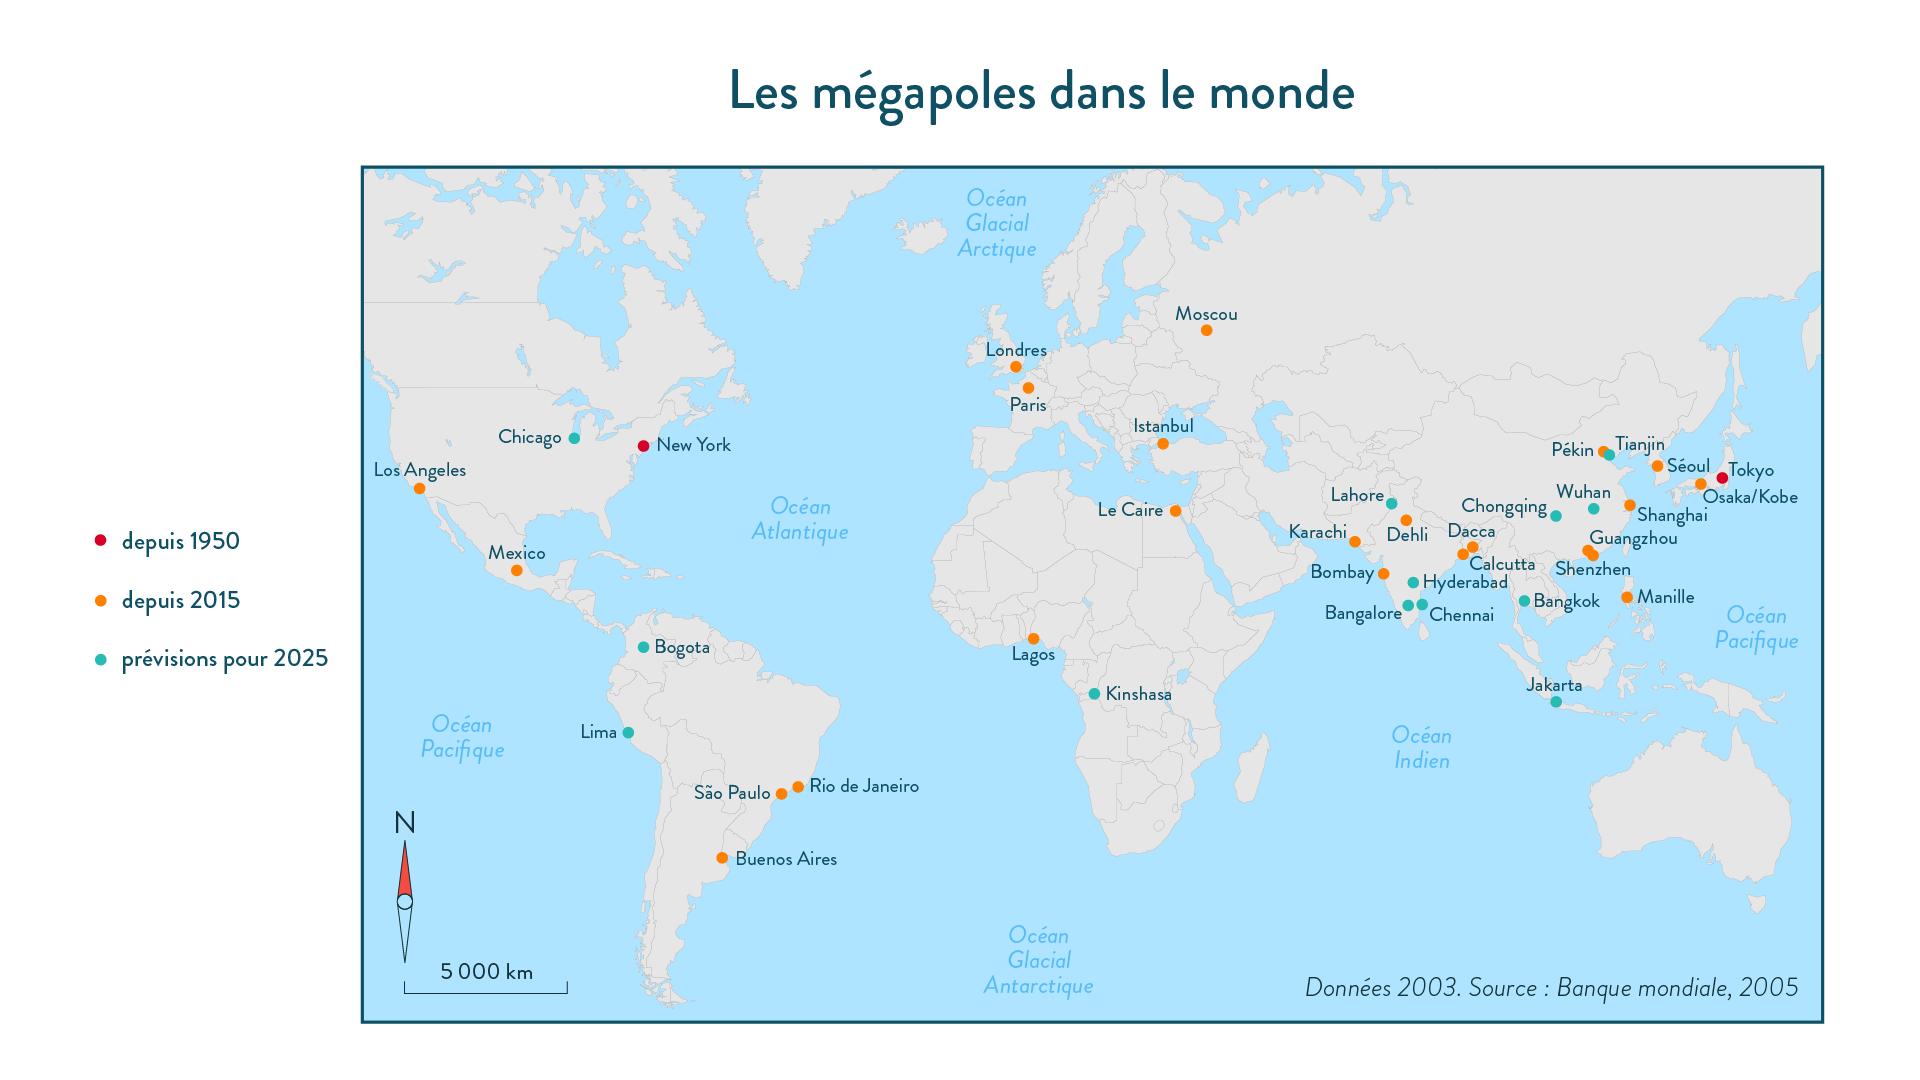 6e-géographie-SchoolMouv - Les mégapoles dans le monde